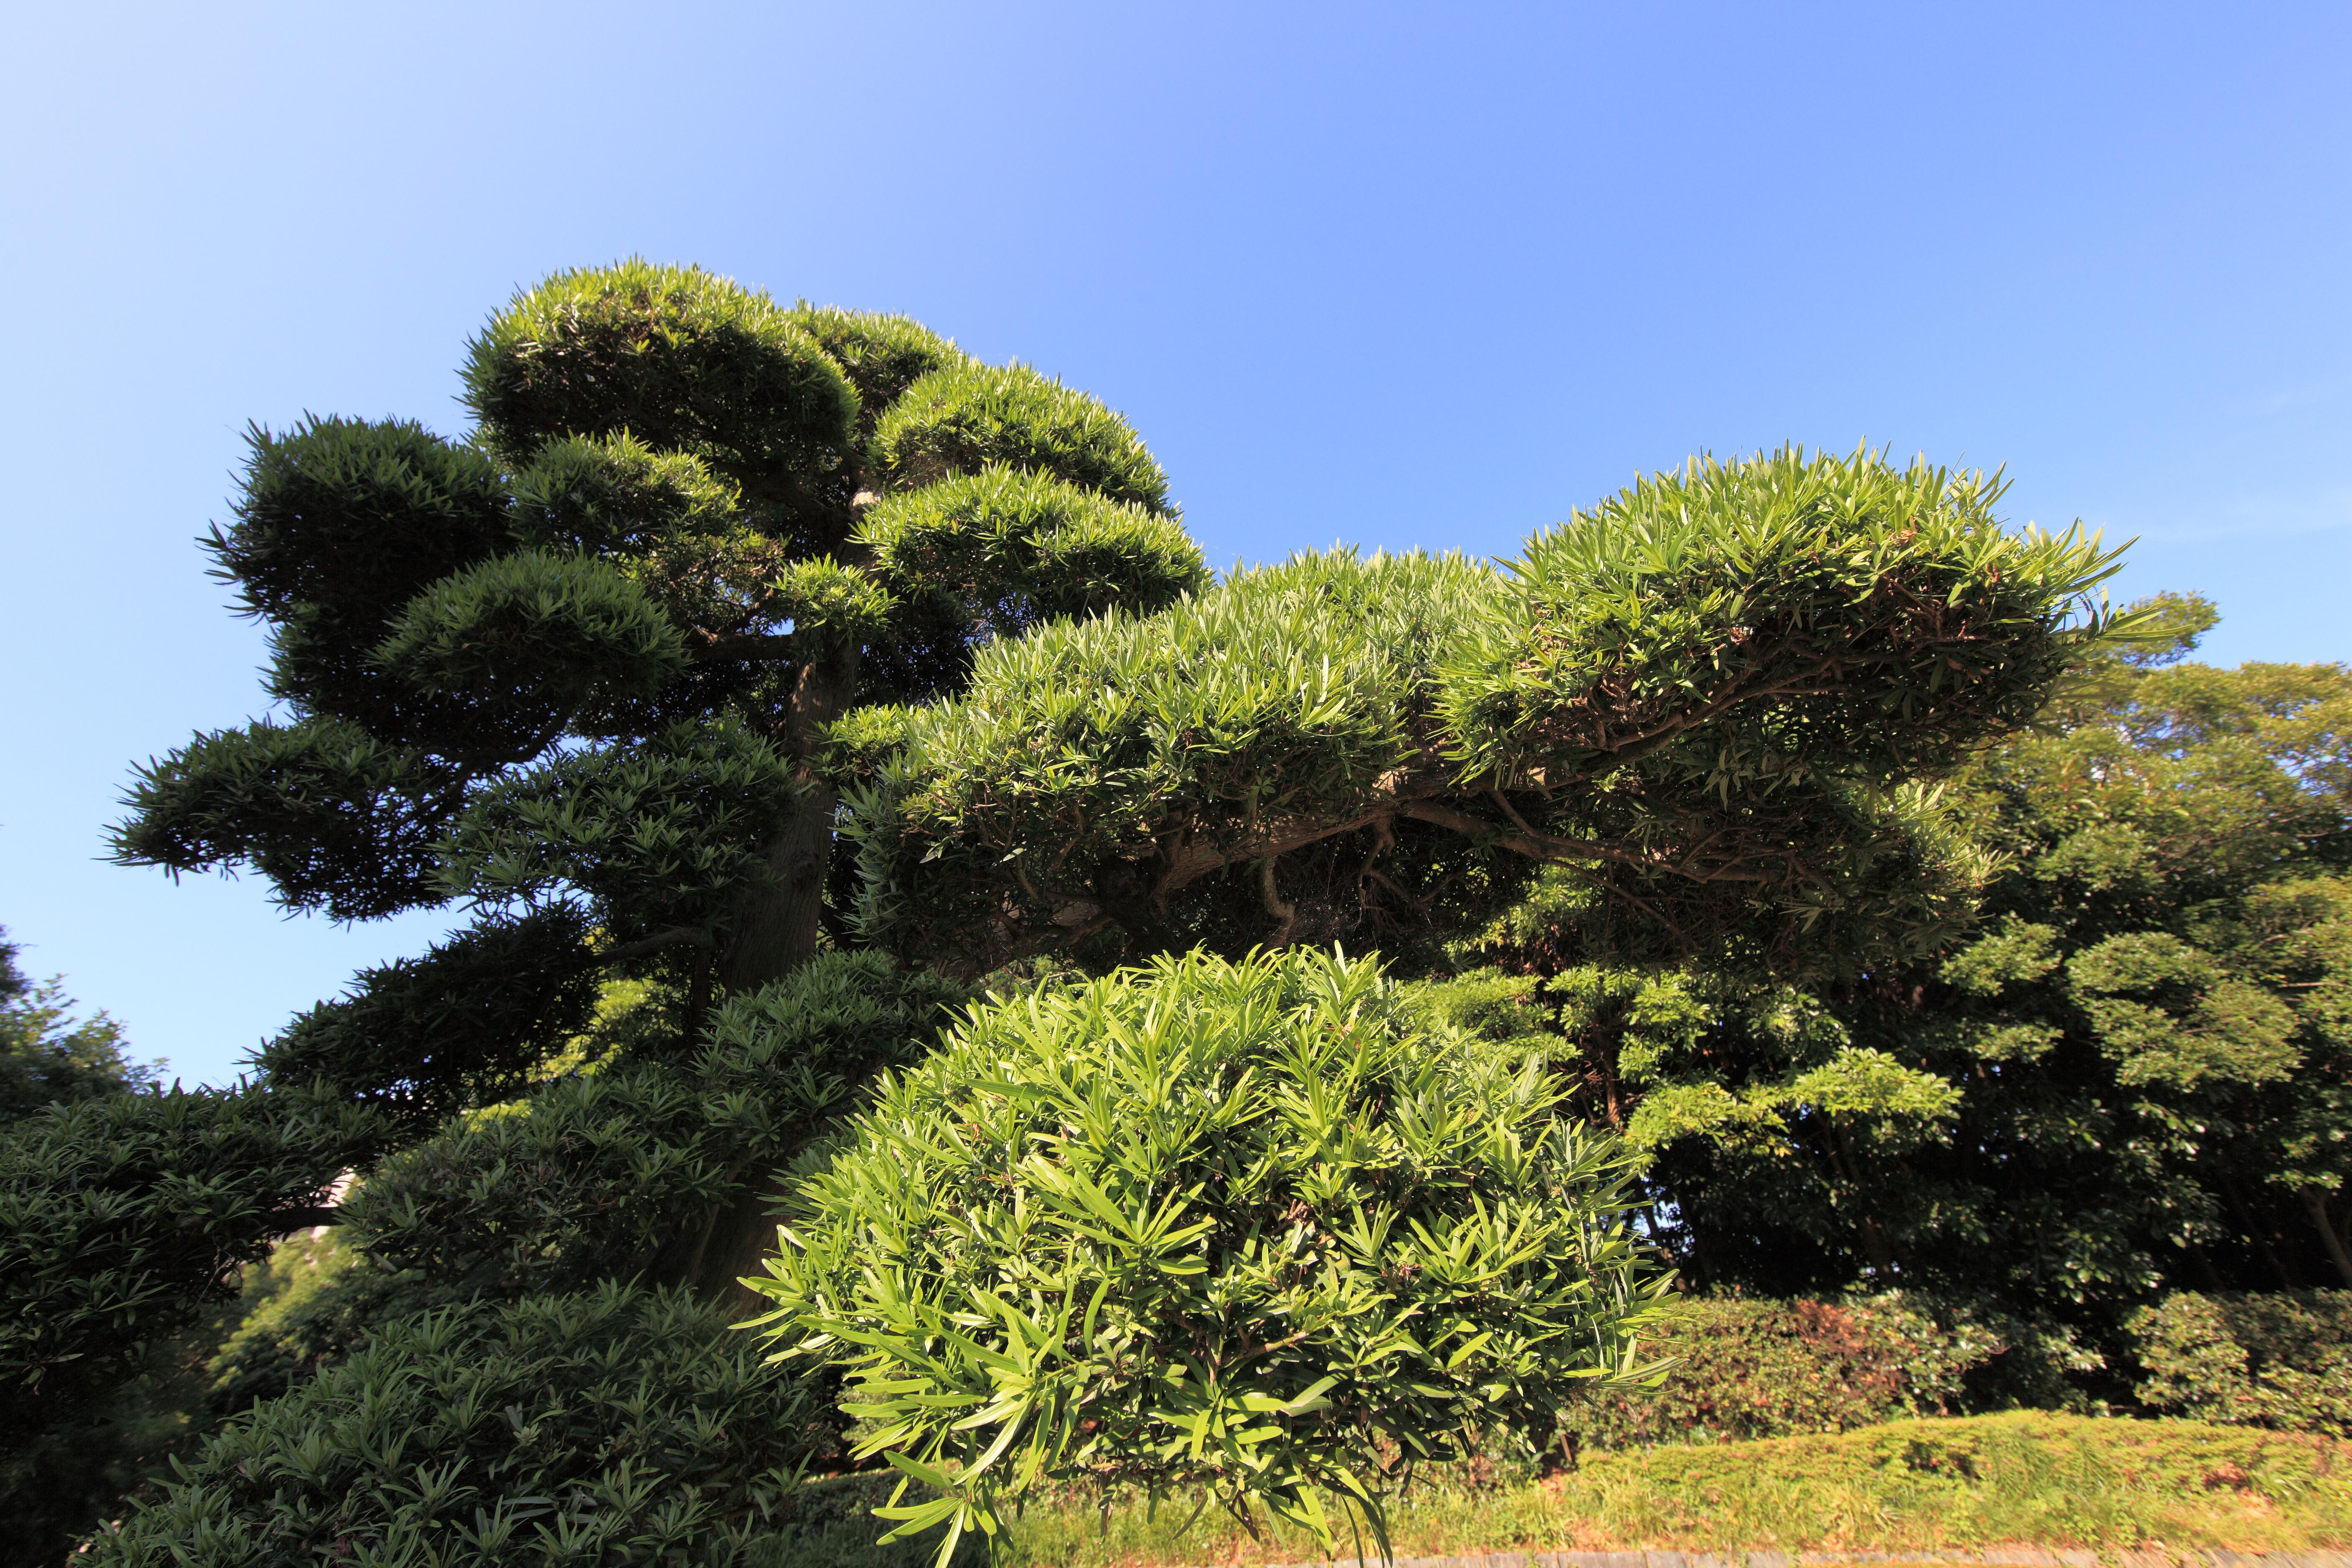 соперника фото вечнозеленые деревья деревьев работу нанесению, приведенная